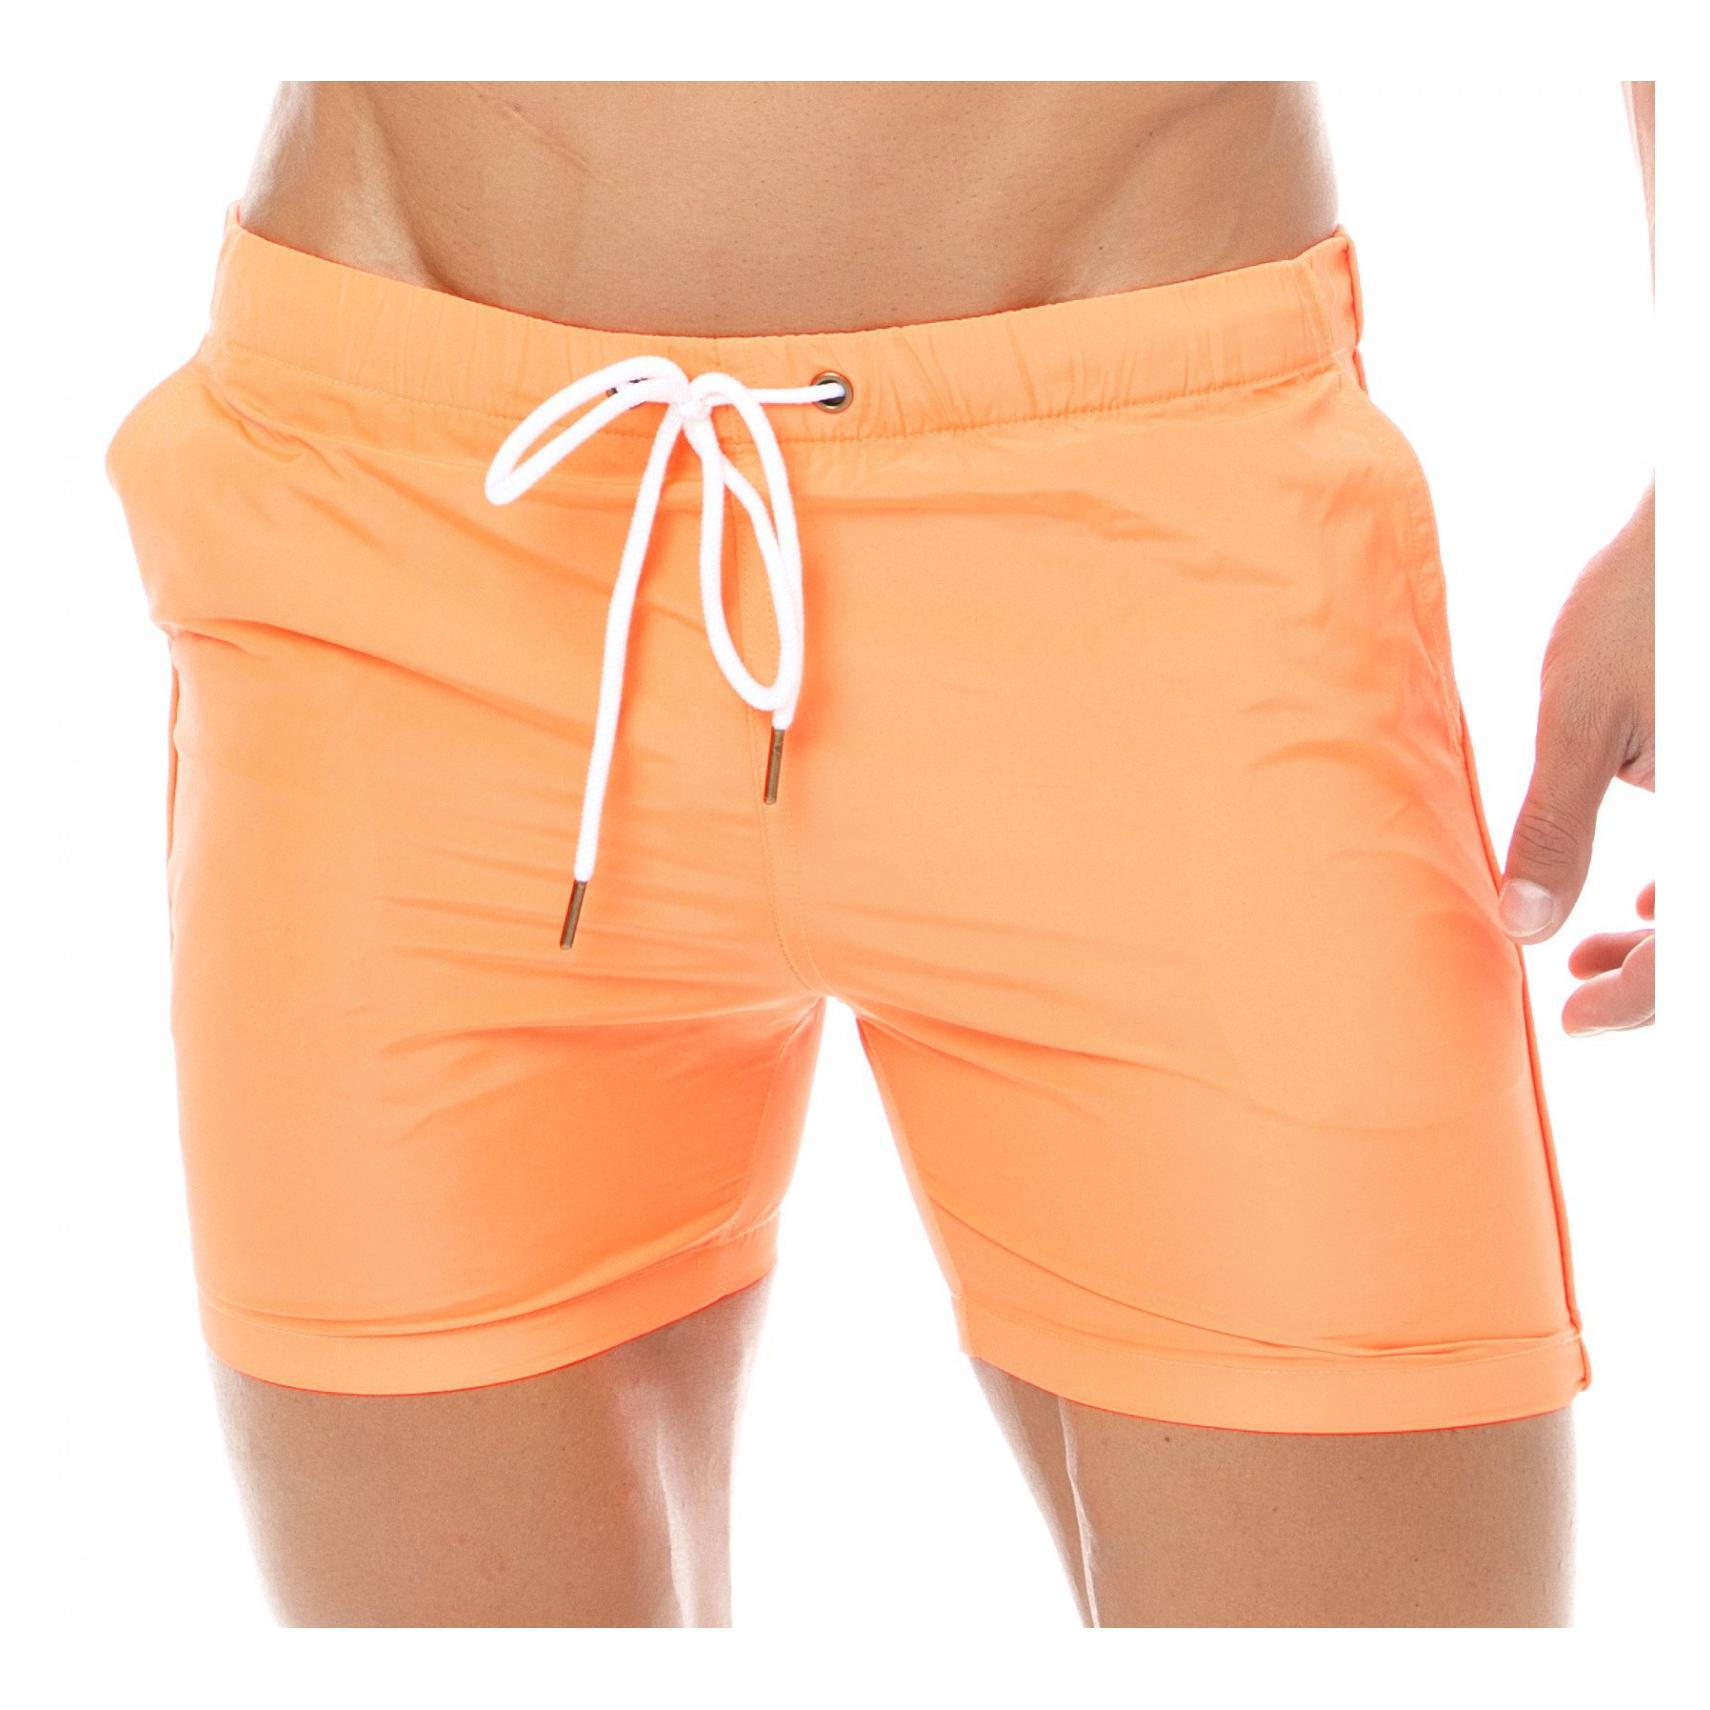 Marcuse Shorts Spectrum Neon Orange